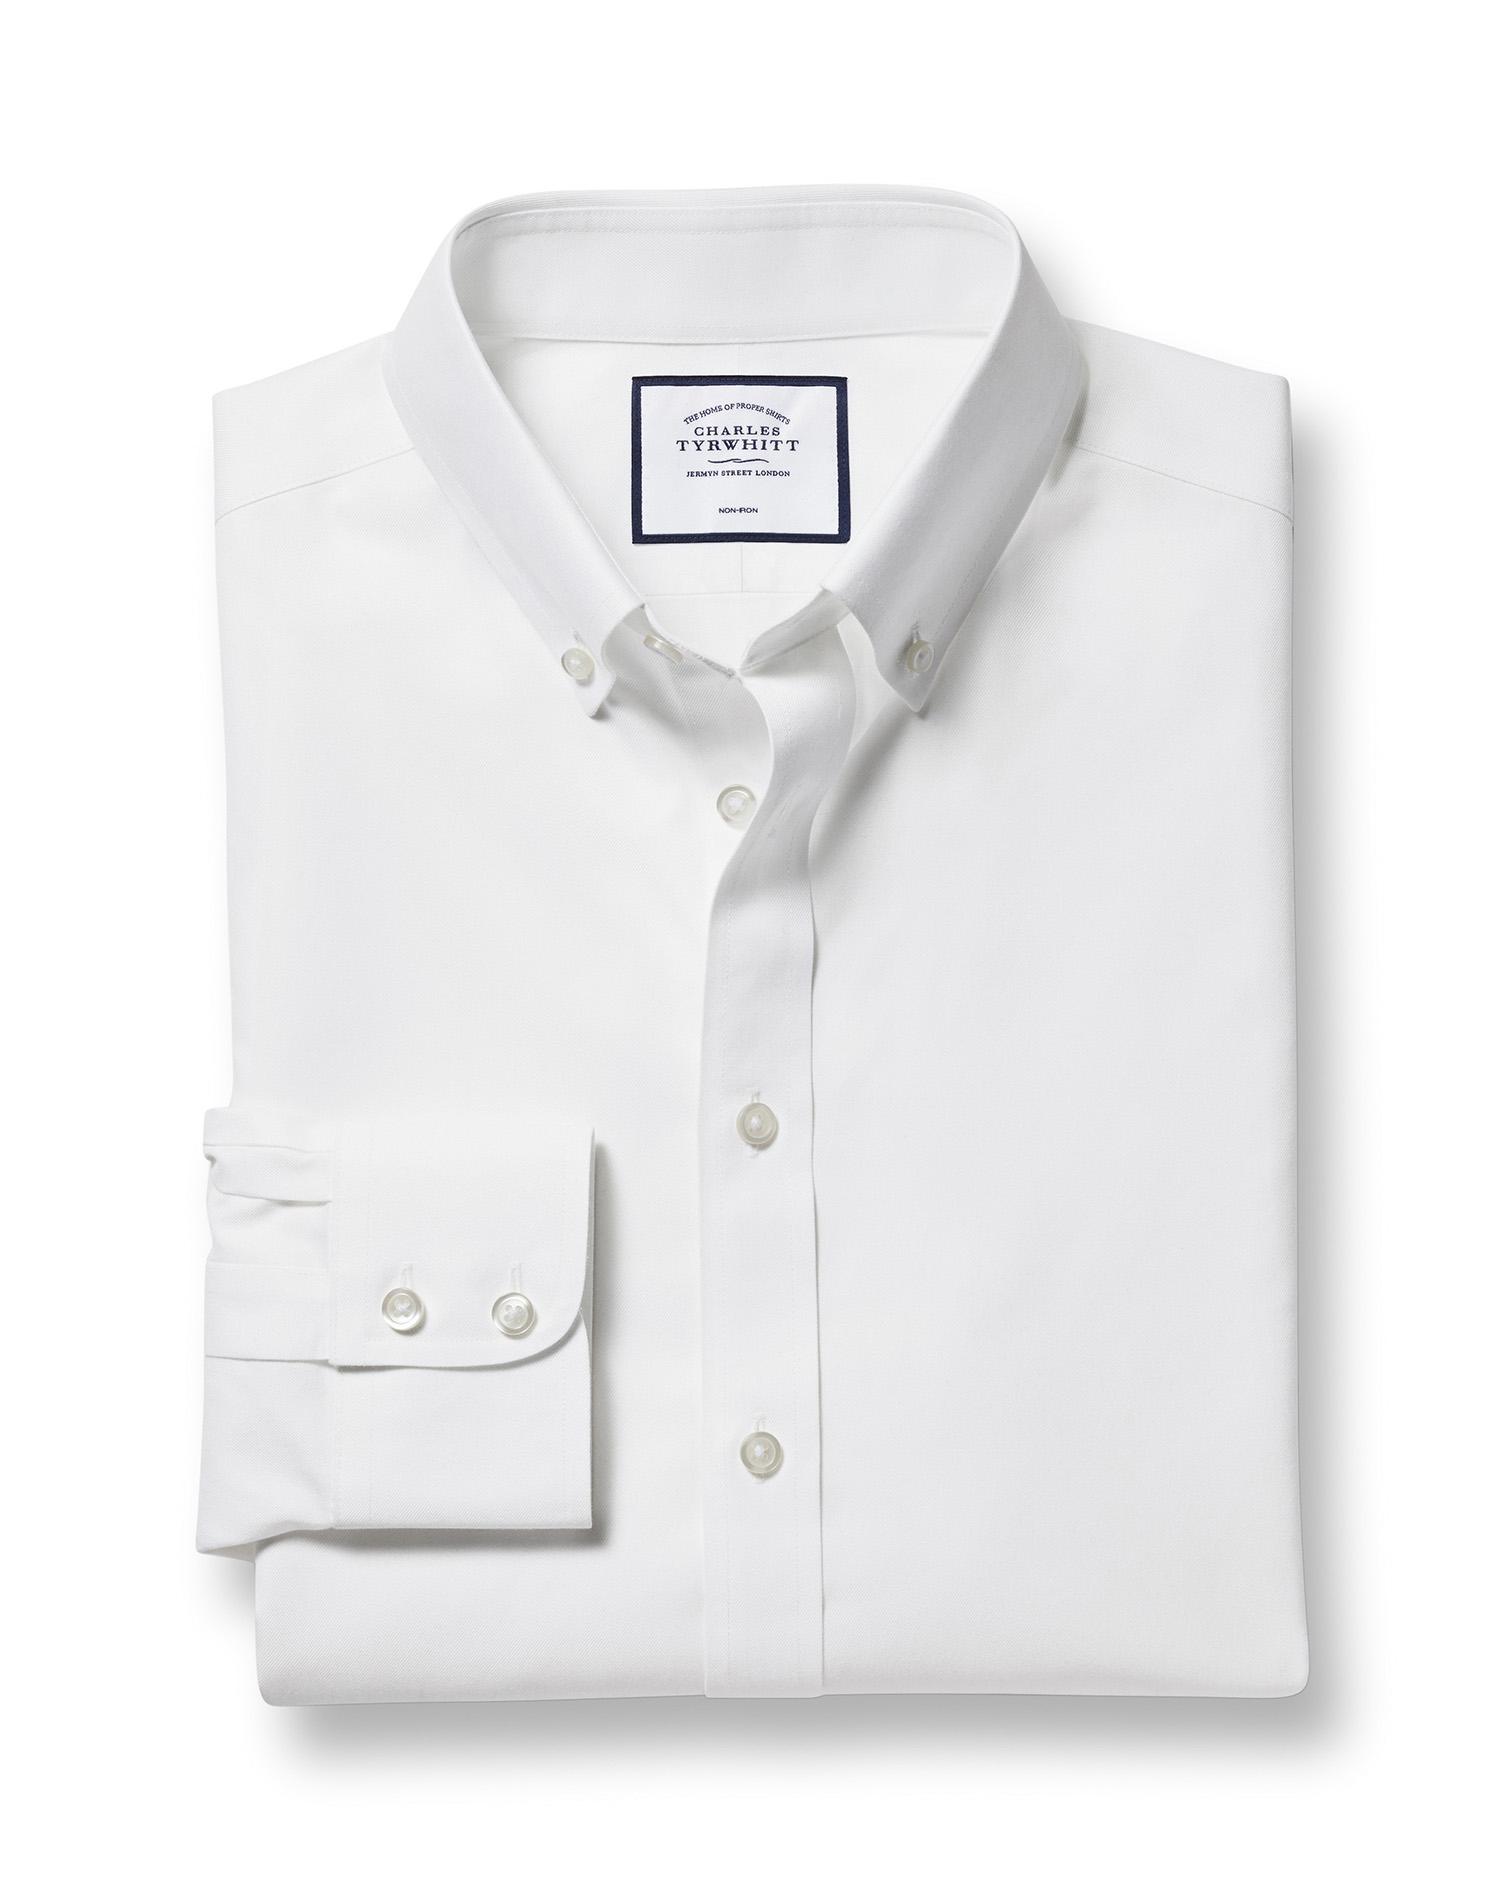 032d7b30 Slim fit button-down non-iron twill white shirt | Charles Tyrwhitt